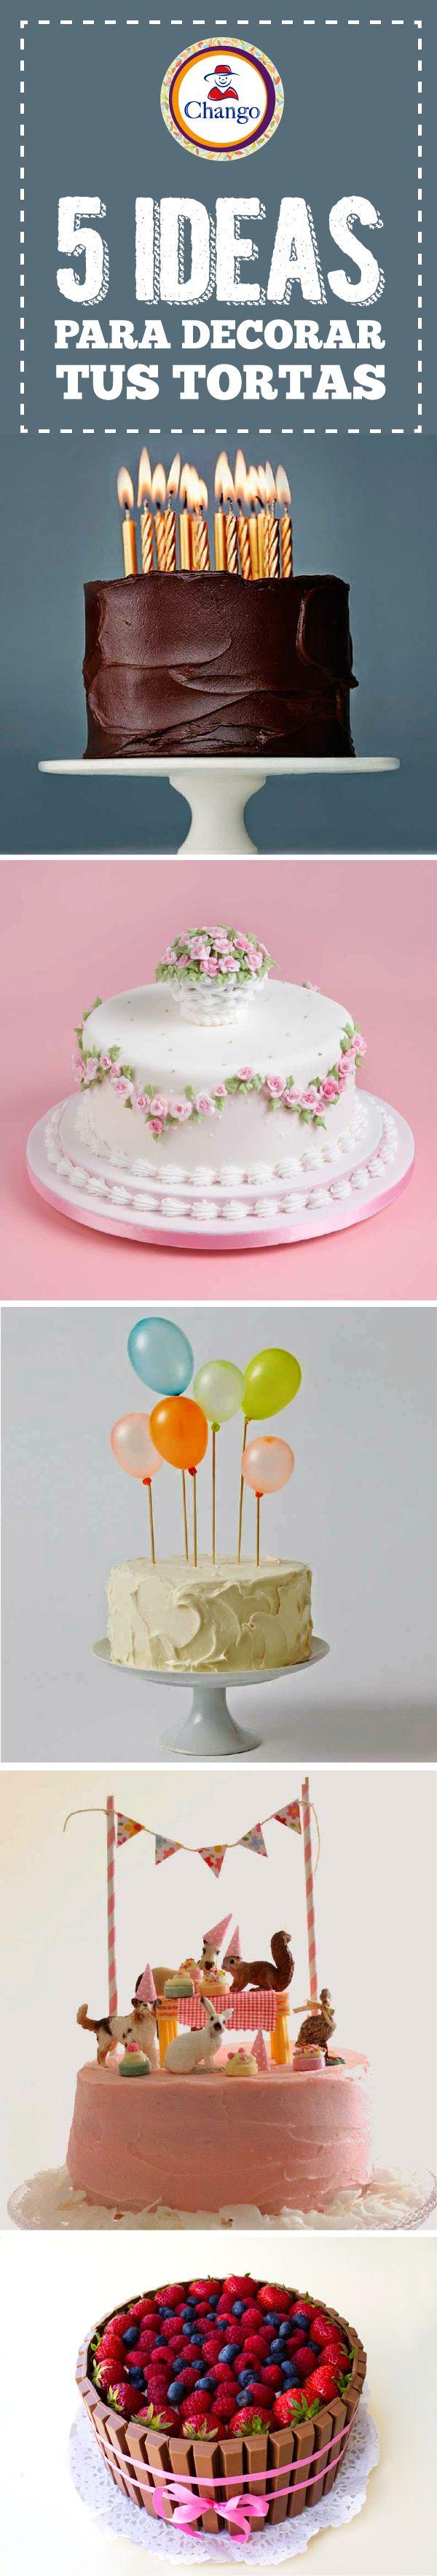 ¡Felicidades a todos los pasteleros en su día!   Si querés ver más ideas, ingresa a: http://blog.azucarchango.com.ar/blog/post/Feliz%20Dia%20del%20Pastelero/584 ;)